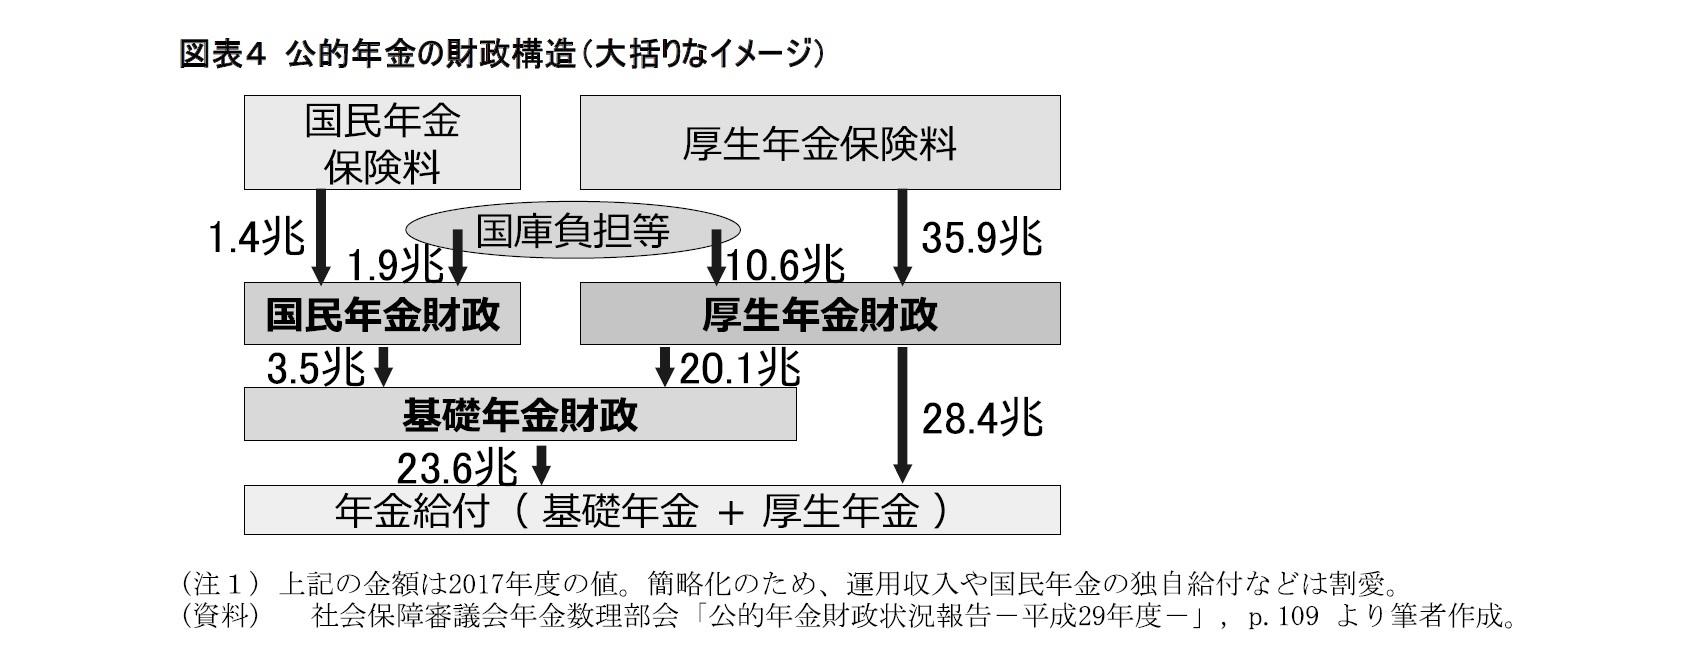 図表4 公的年金の財政構造(大括りなイメージ)